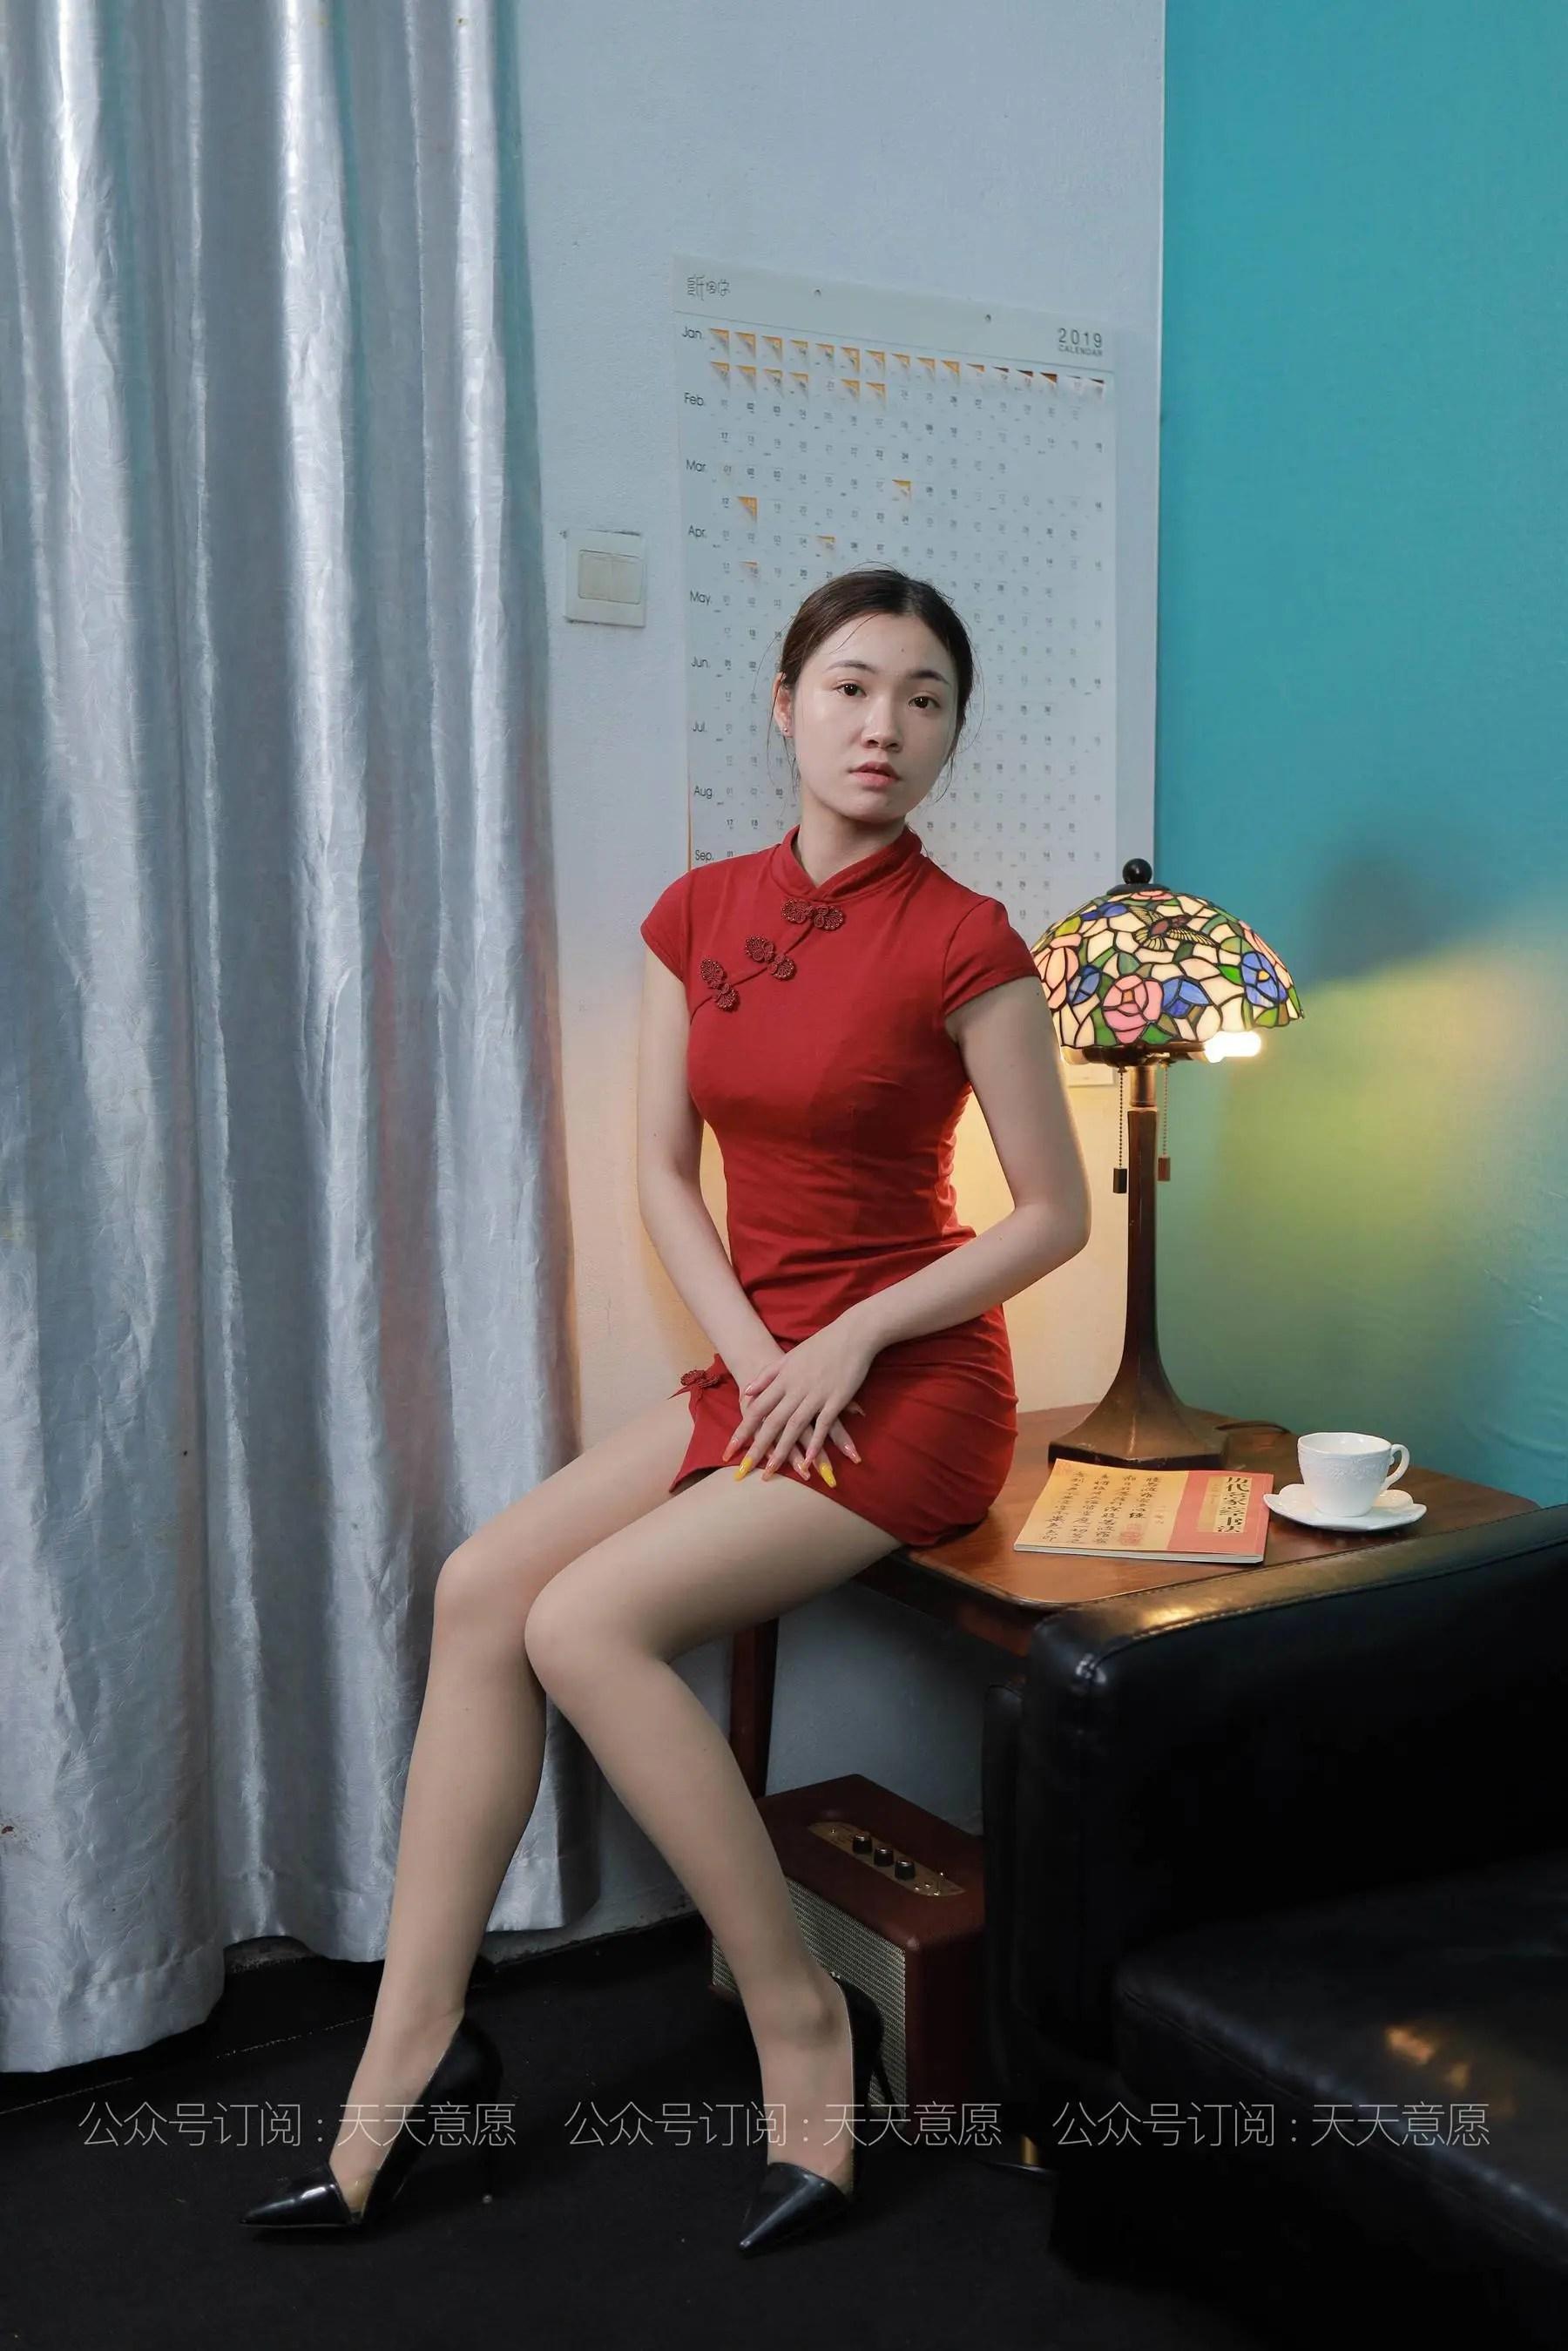 [IESS] 丝享家 769 可可《旗袍美佳人》 丝袜美腿写真[90P]插图(1)